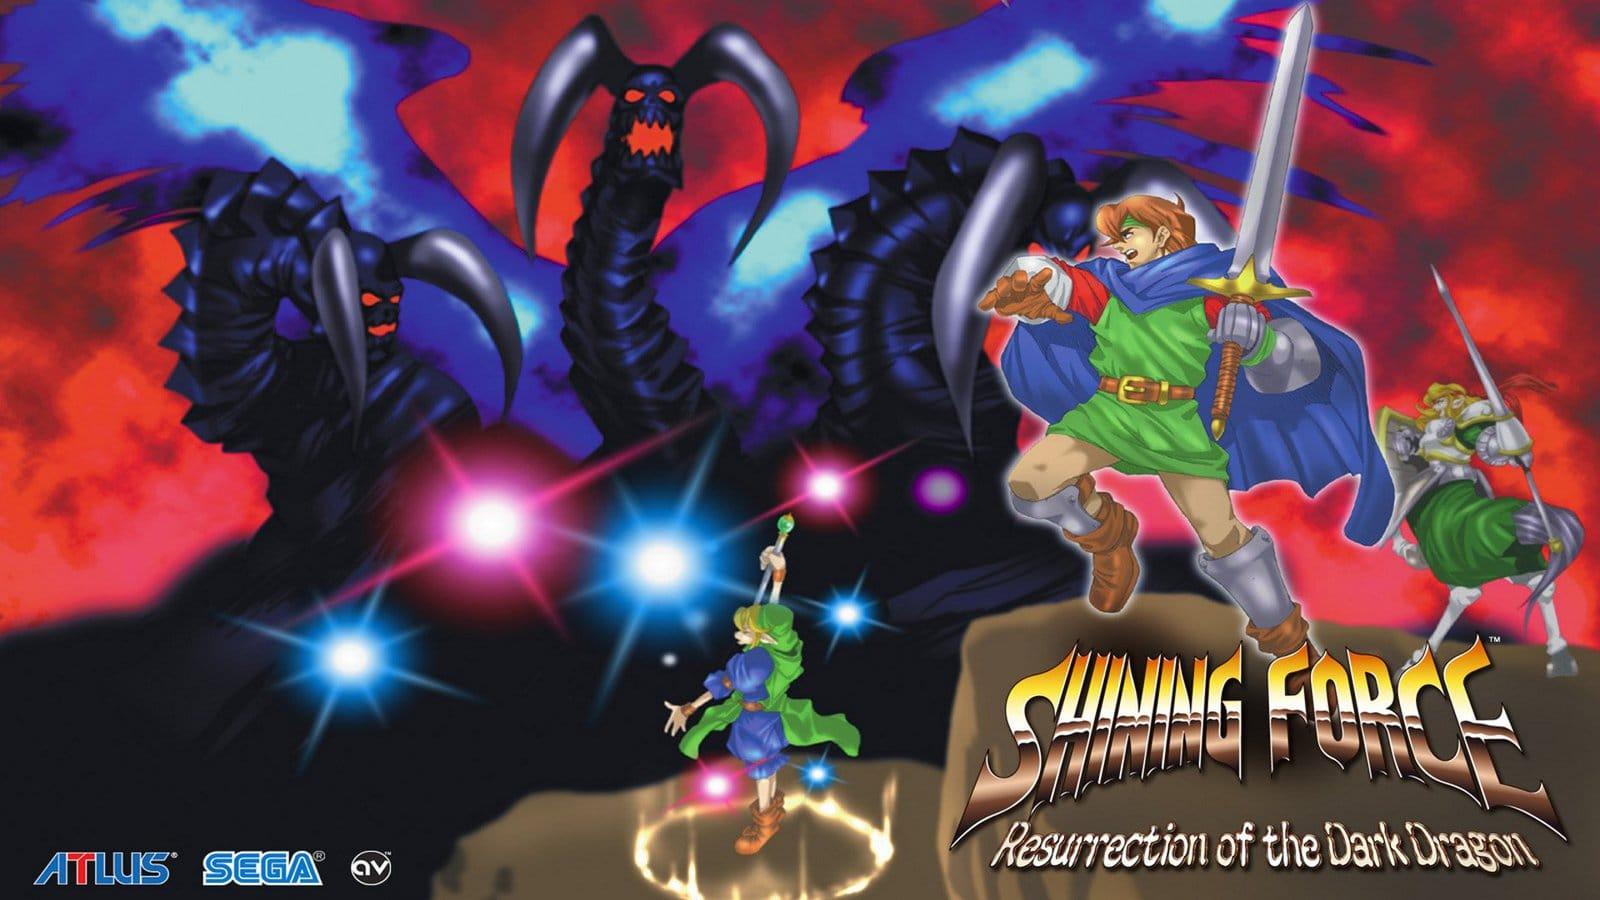 Shining Force Resurection of Dark Dragon